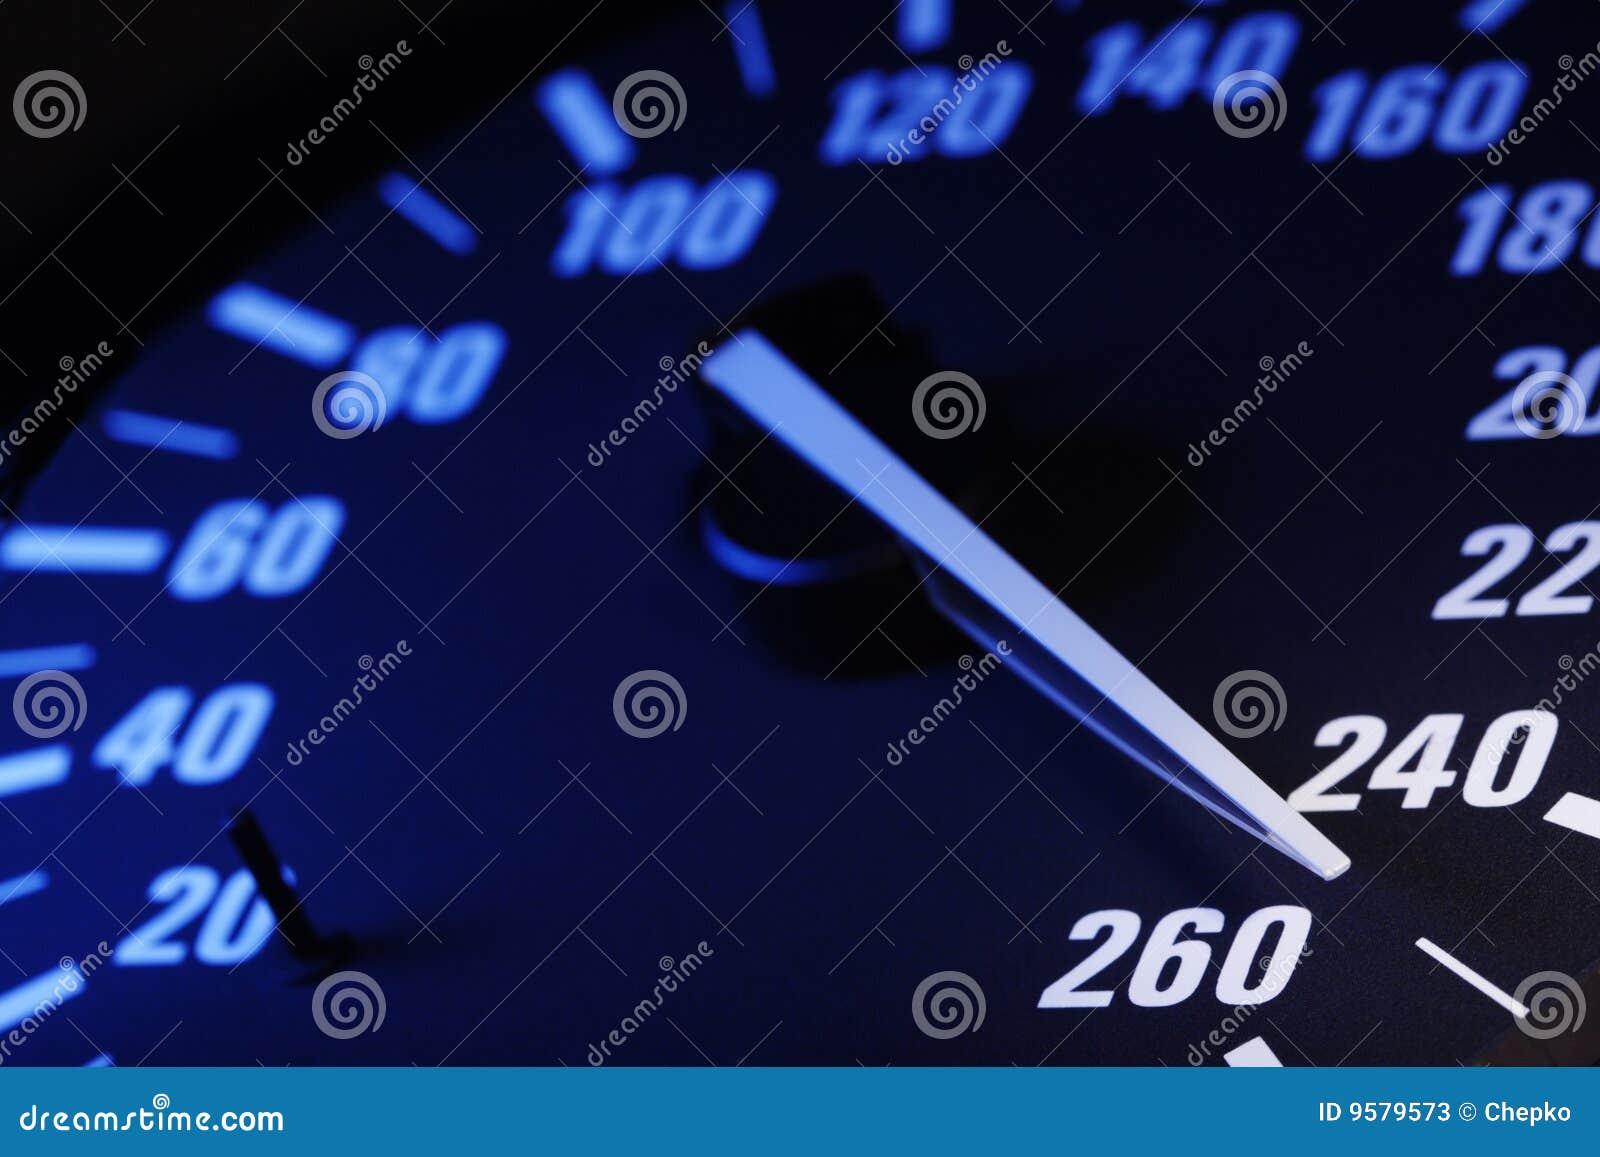 Max hastighet